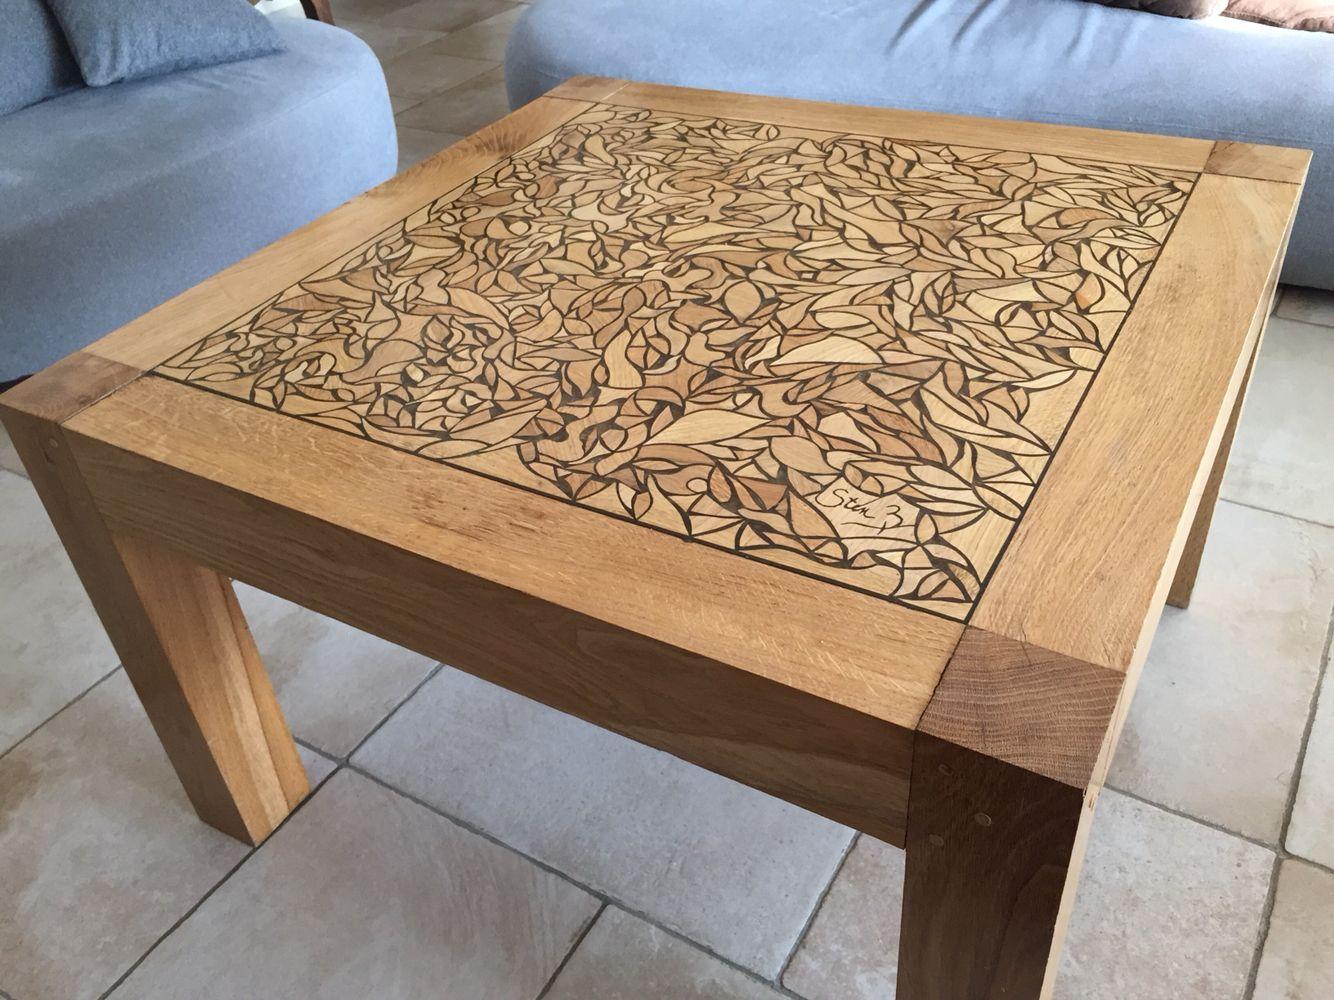 Table Basse Chene Massif Mosaique De Bois Faite Main Designee Par Sten B Coffee Table Table Decor